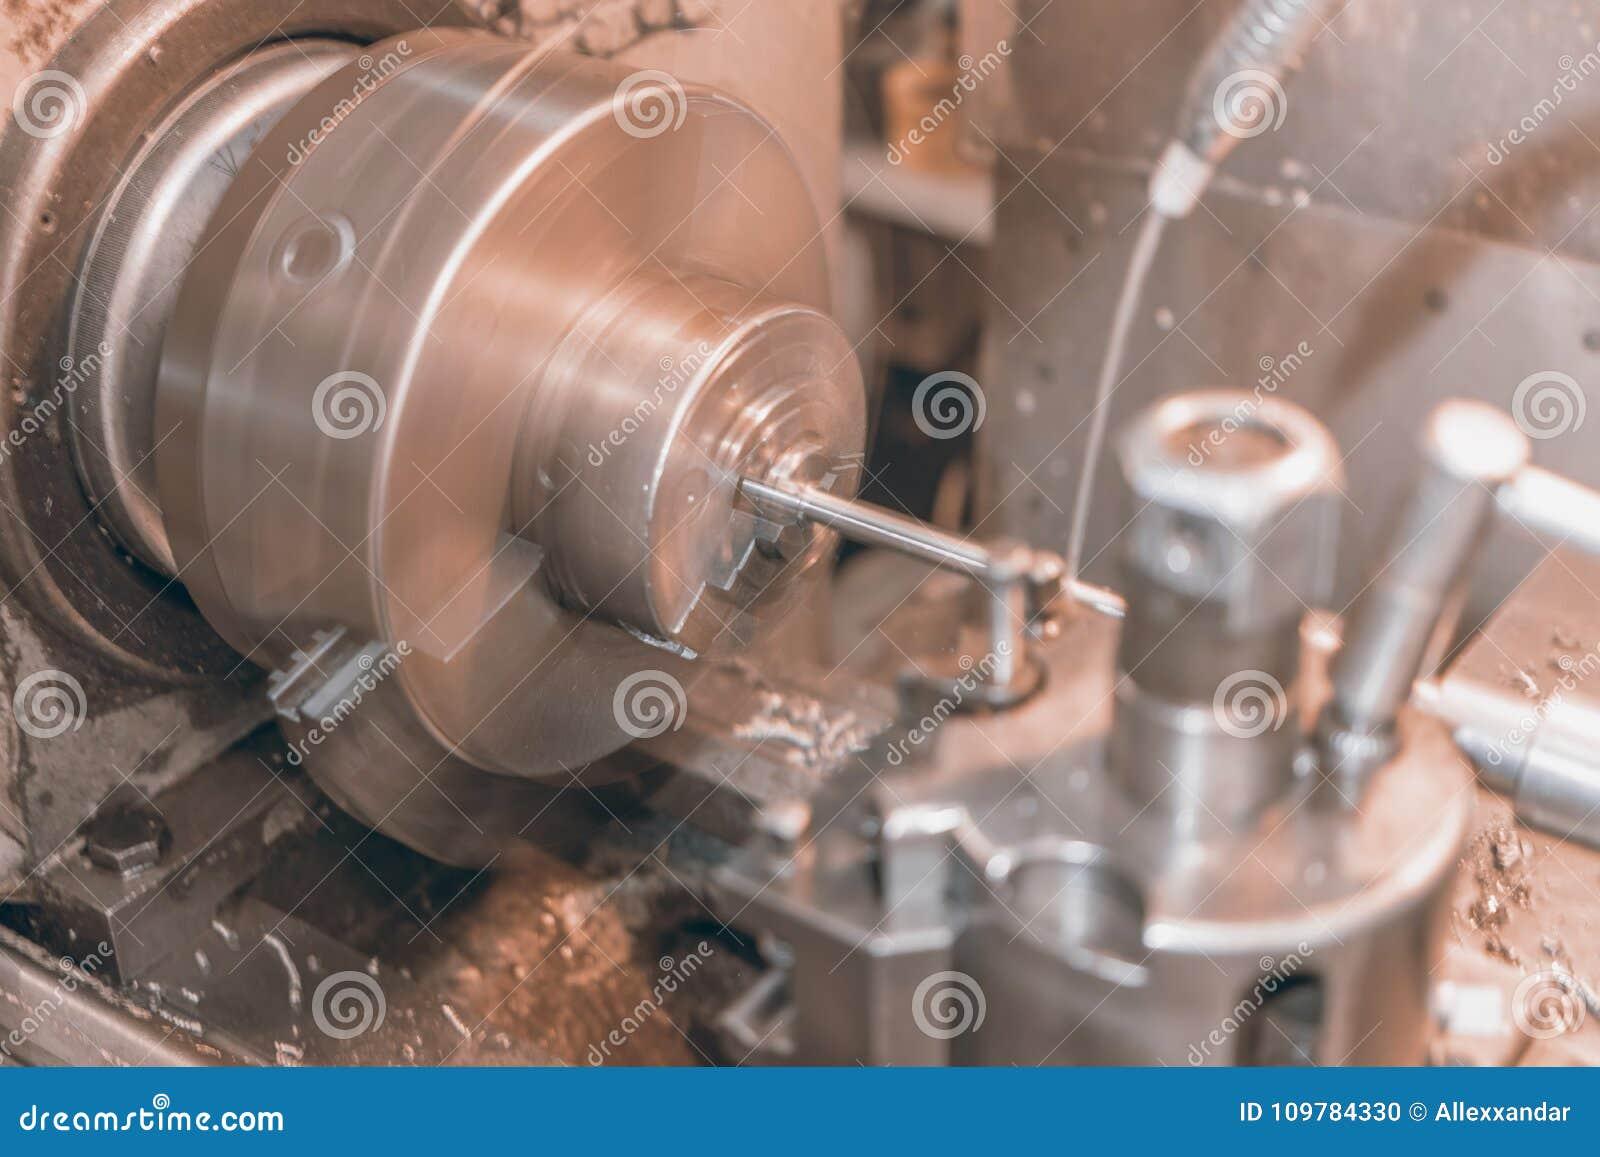 Drejbänk för metall för rörelsesuddighet, drejbänkmaskinMetalworking i seminarium